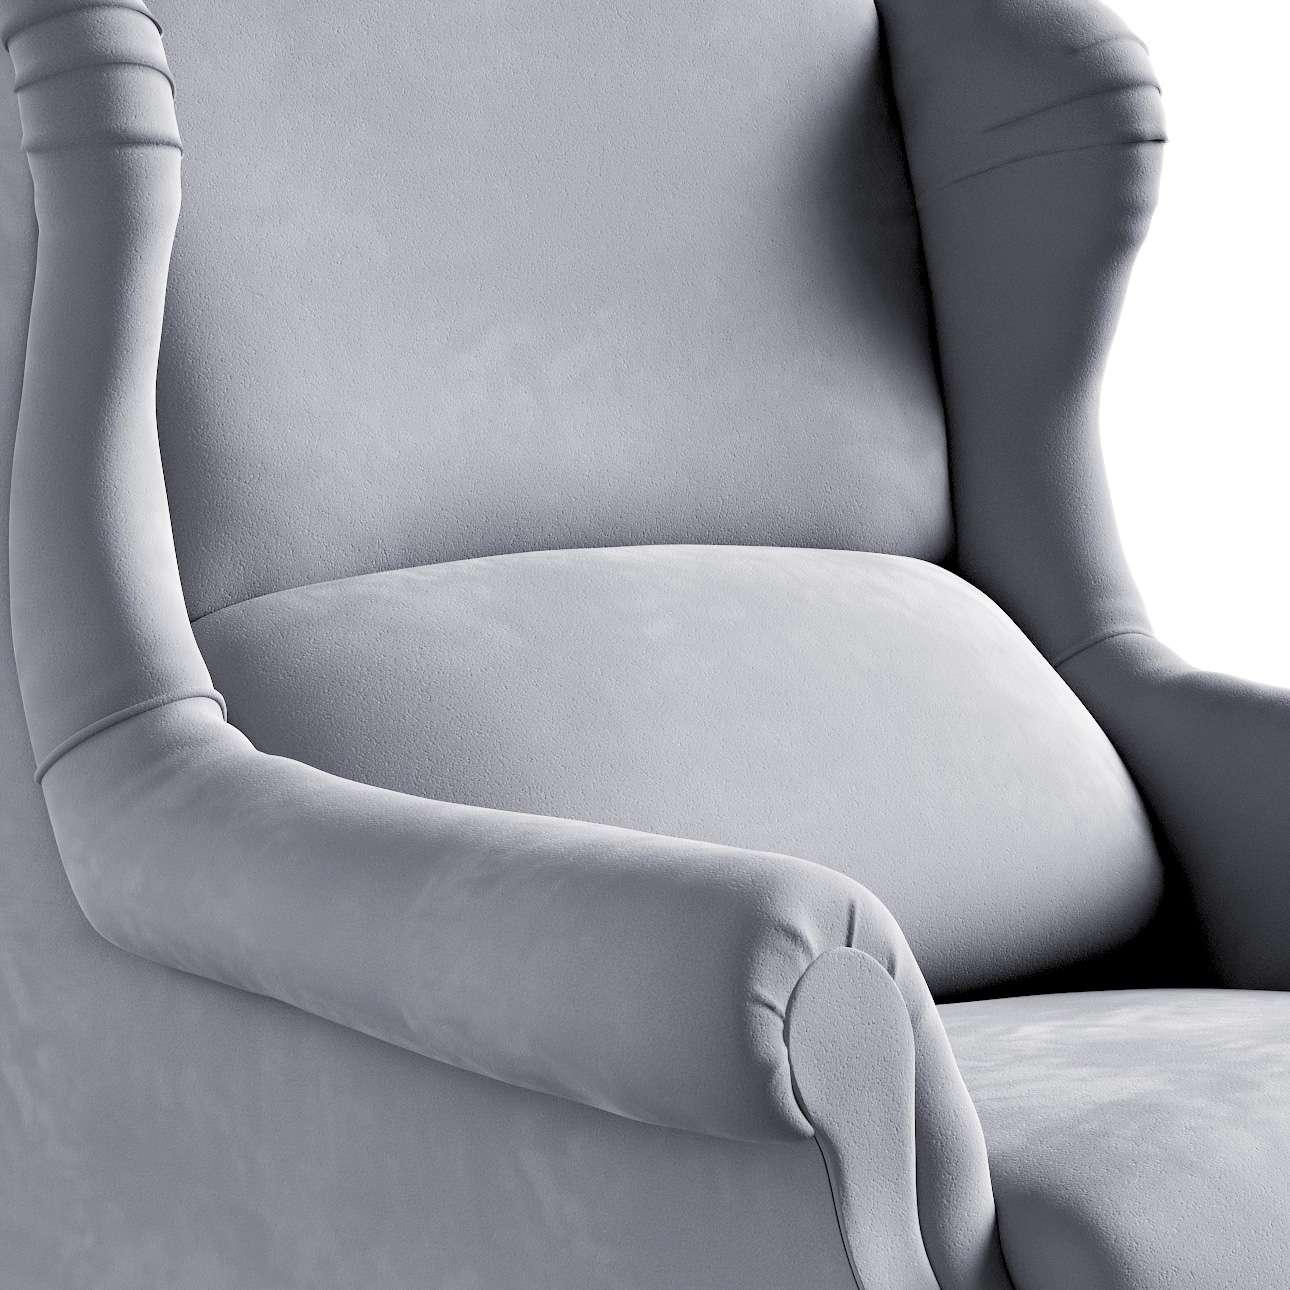 Fotel Willy w kolekcji Posh Velvet, tkanina: 704-24